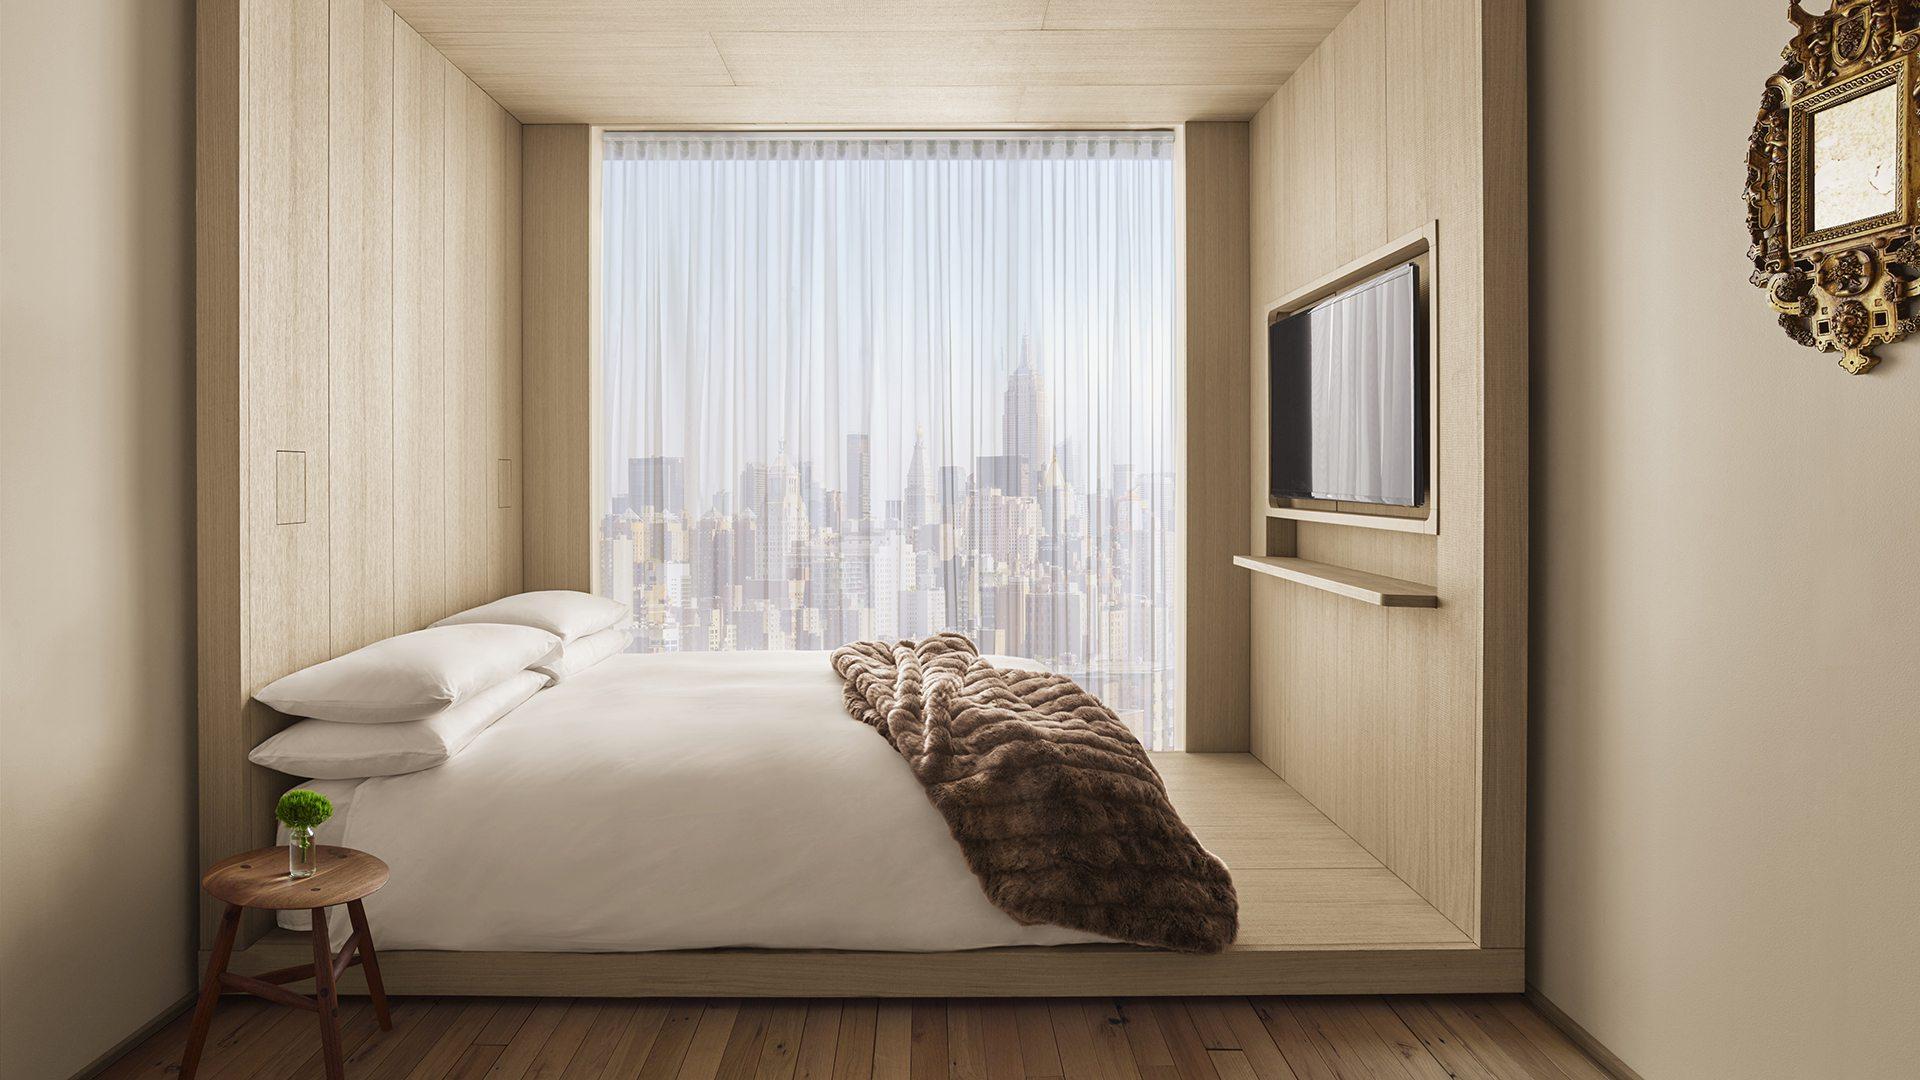 Das wohl angesagteste Hotel in SoHo, NYC: Das Public Hotel von Studio 54-Gründer Ian Schrager 9